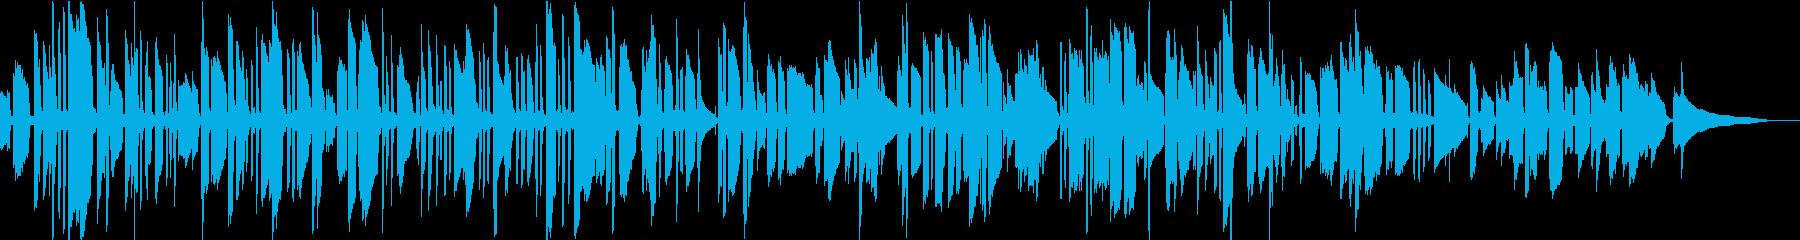 アイルランド民謡をソロギターでの再生済みの波形